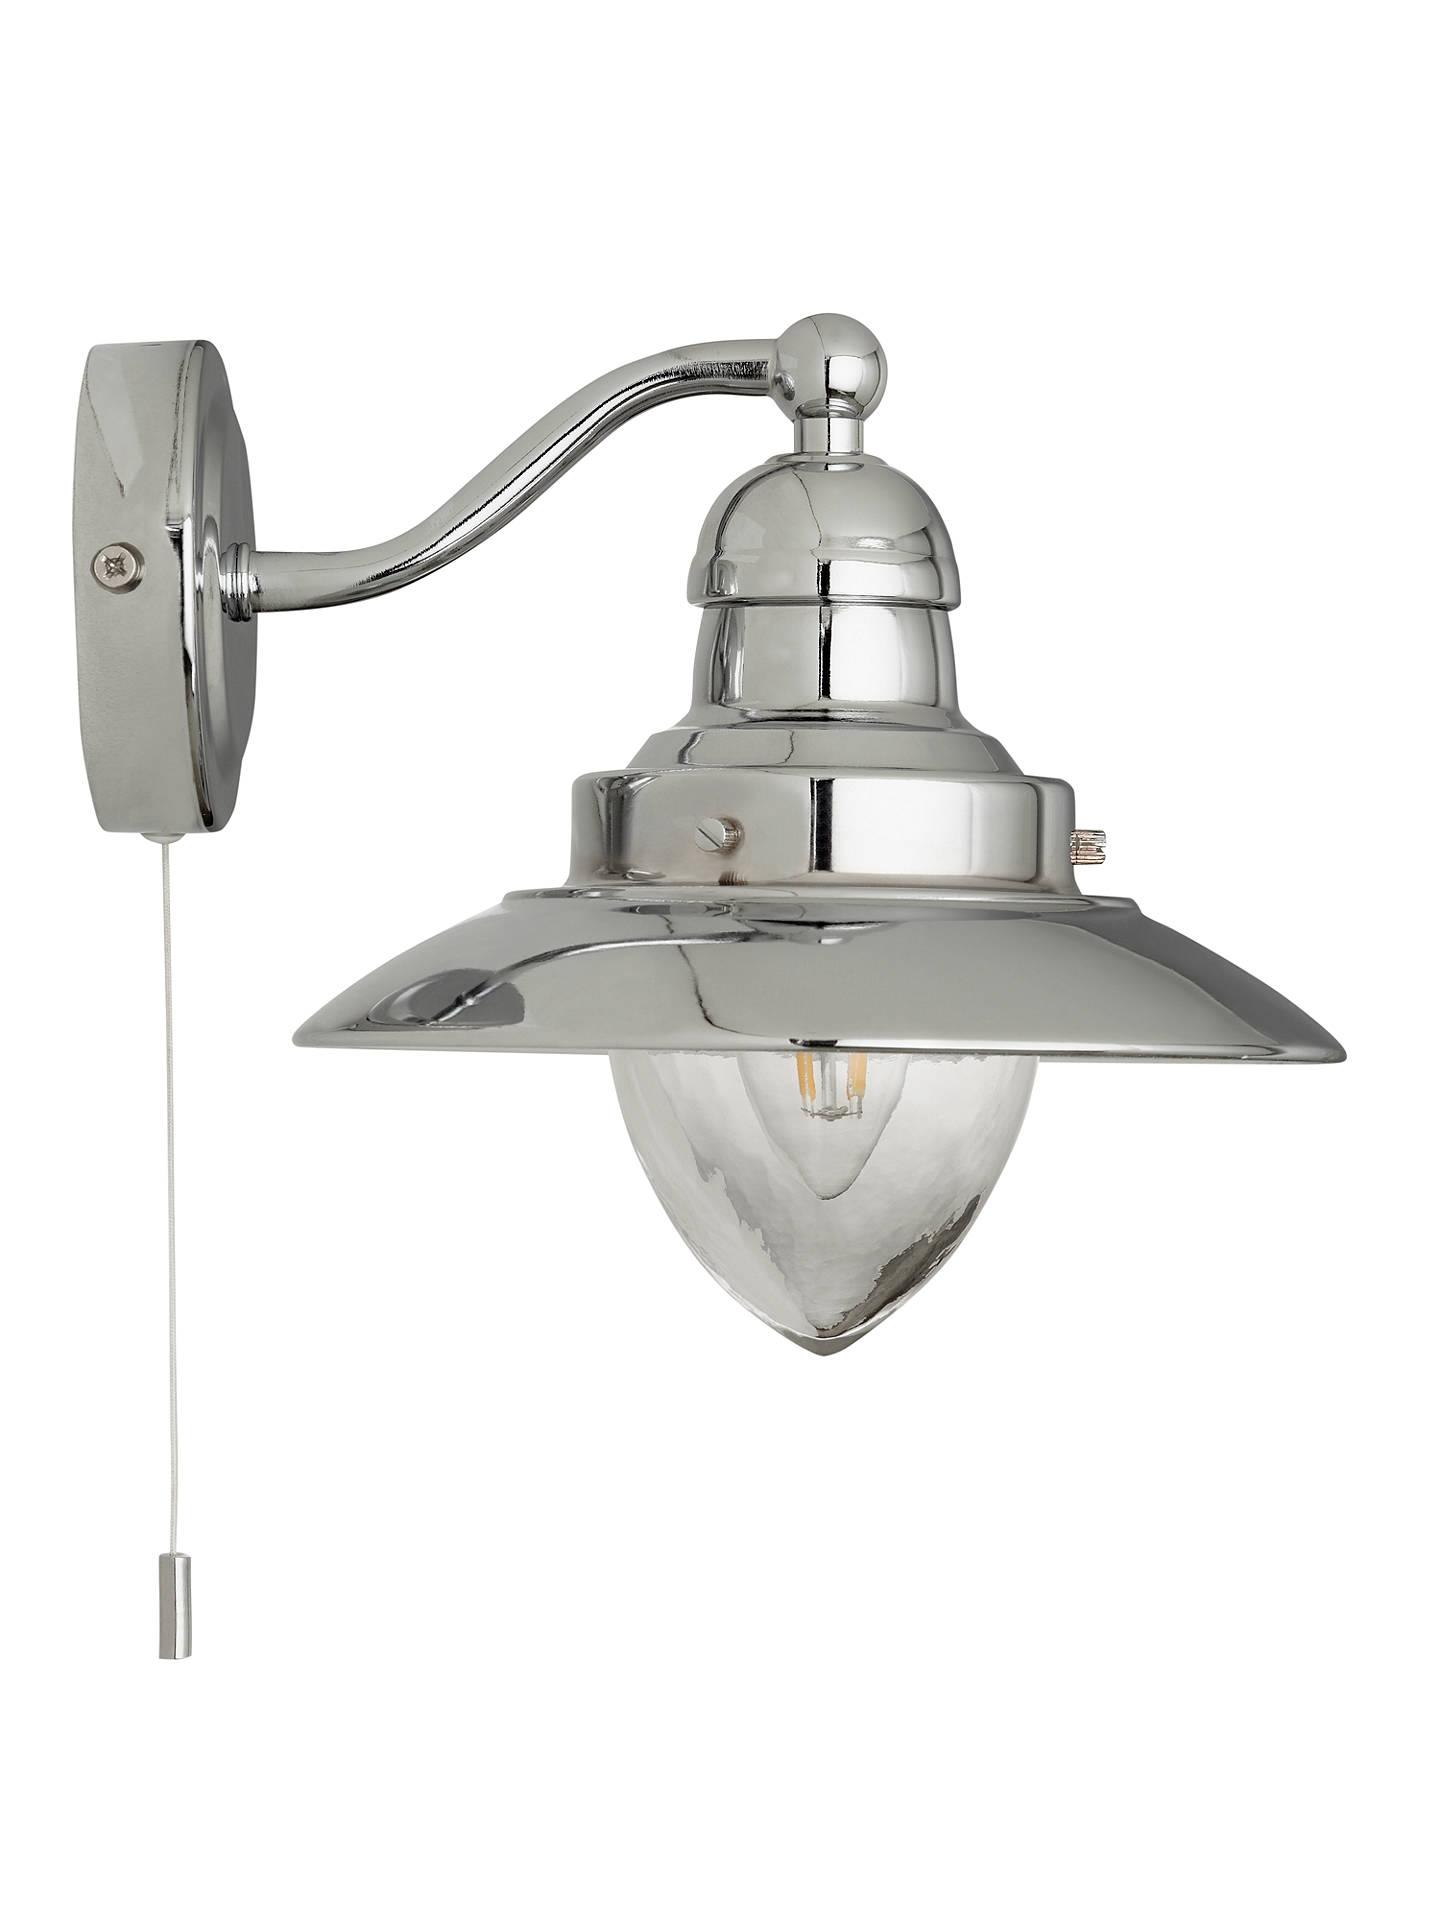 John Lewis & Partners Barrington Bathroom Wall Light, Chrome